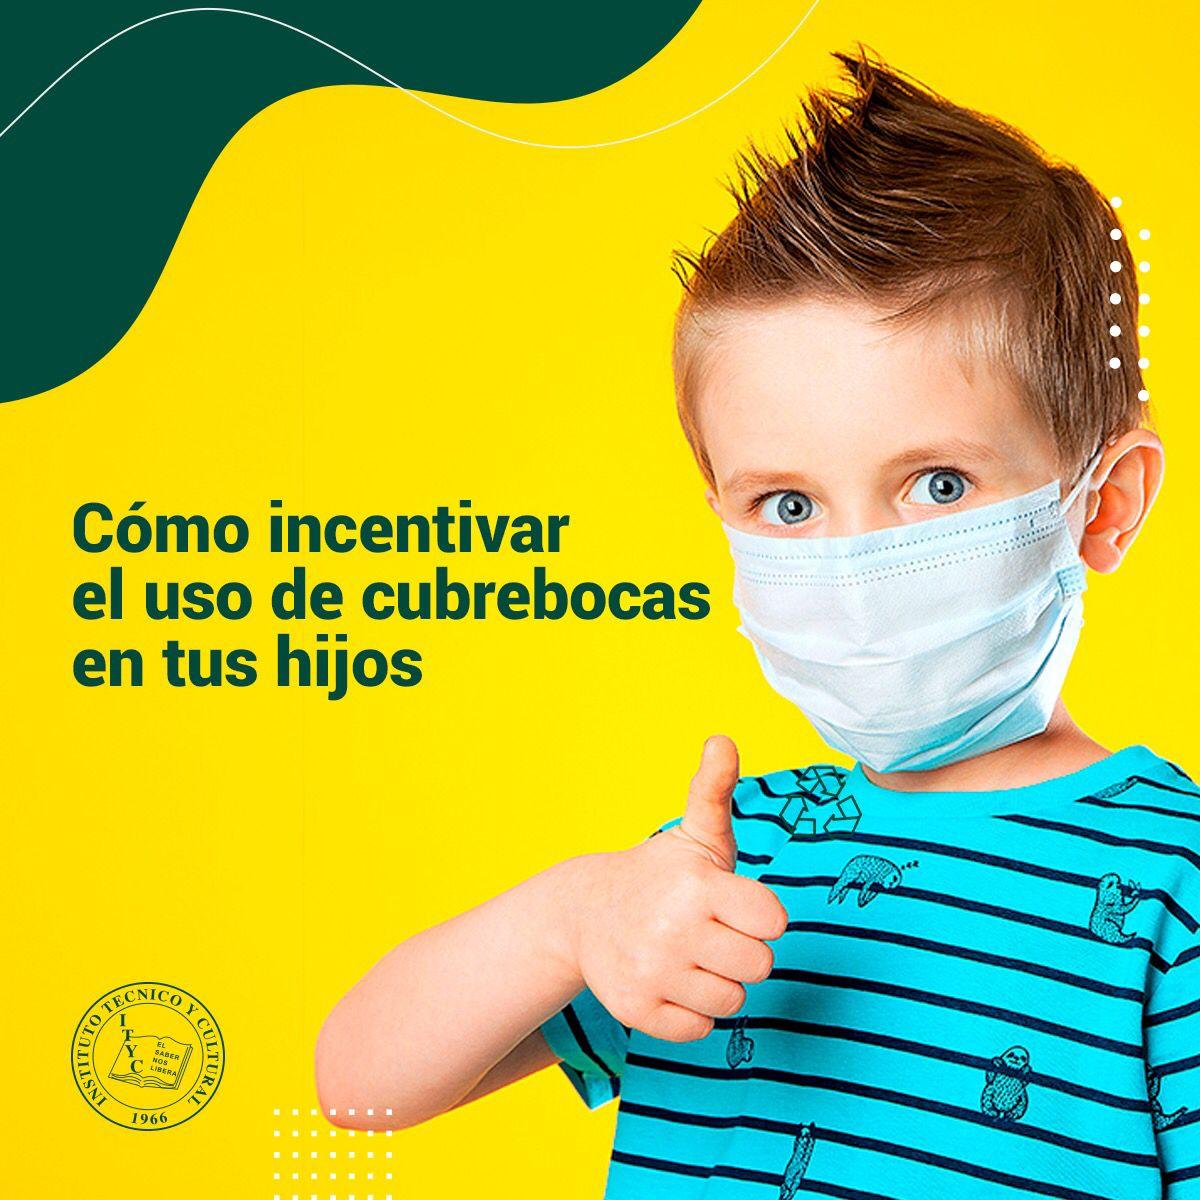 Cómo incentivar el uso de cubrebocas en tus hijos